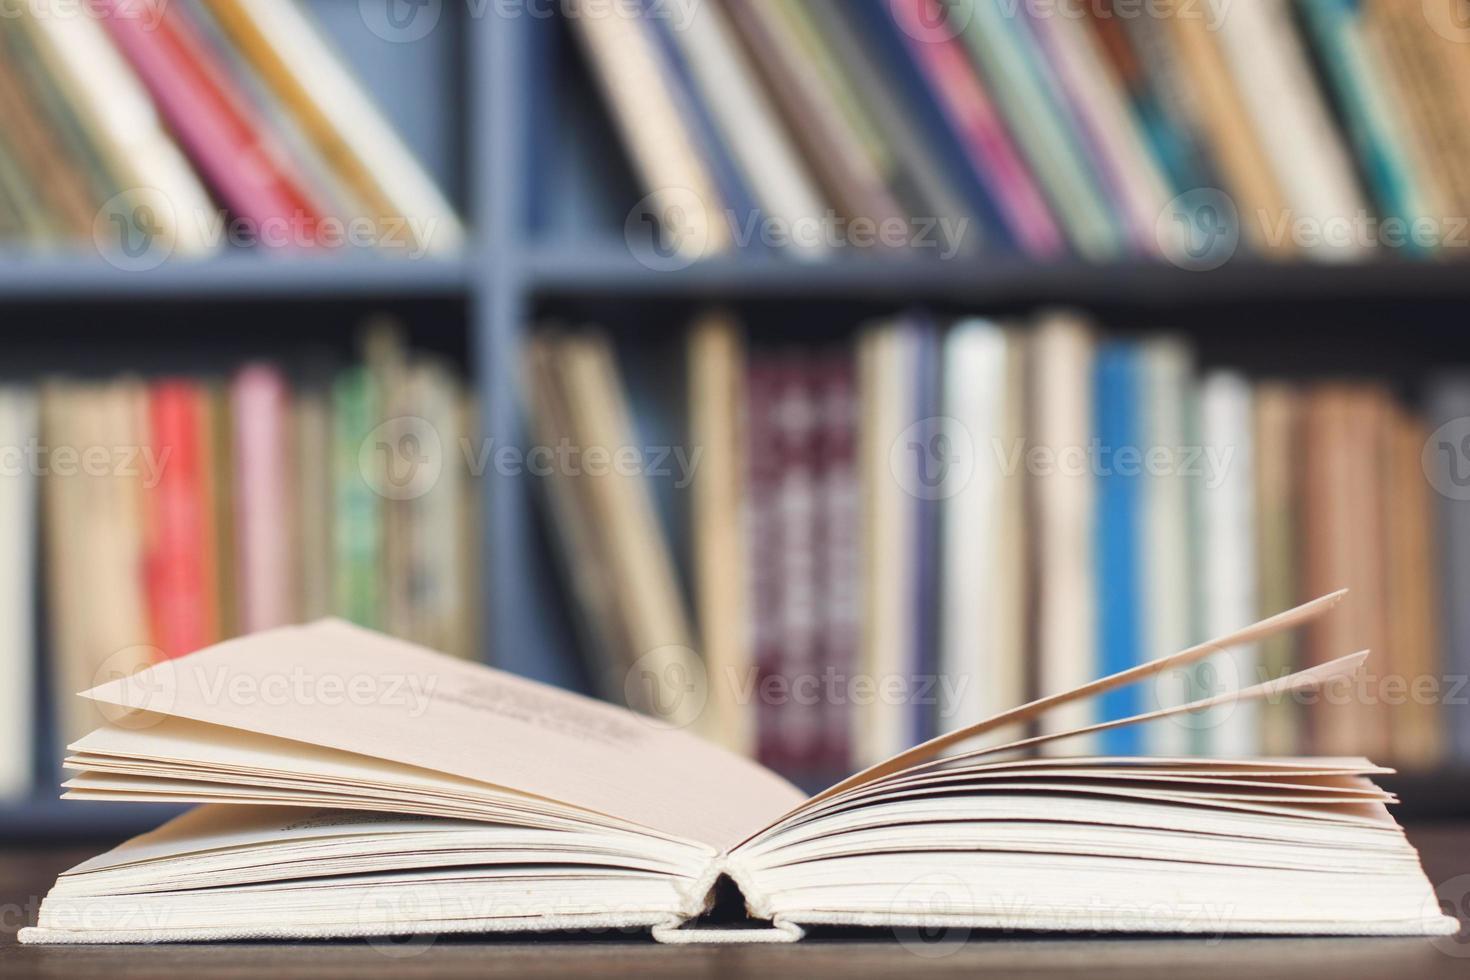 Libros sobre el escritorio de madera. foto